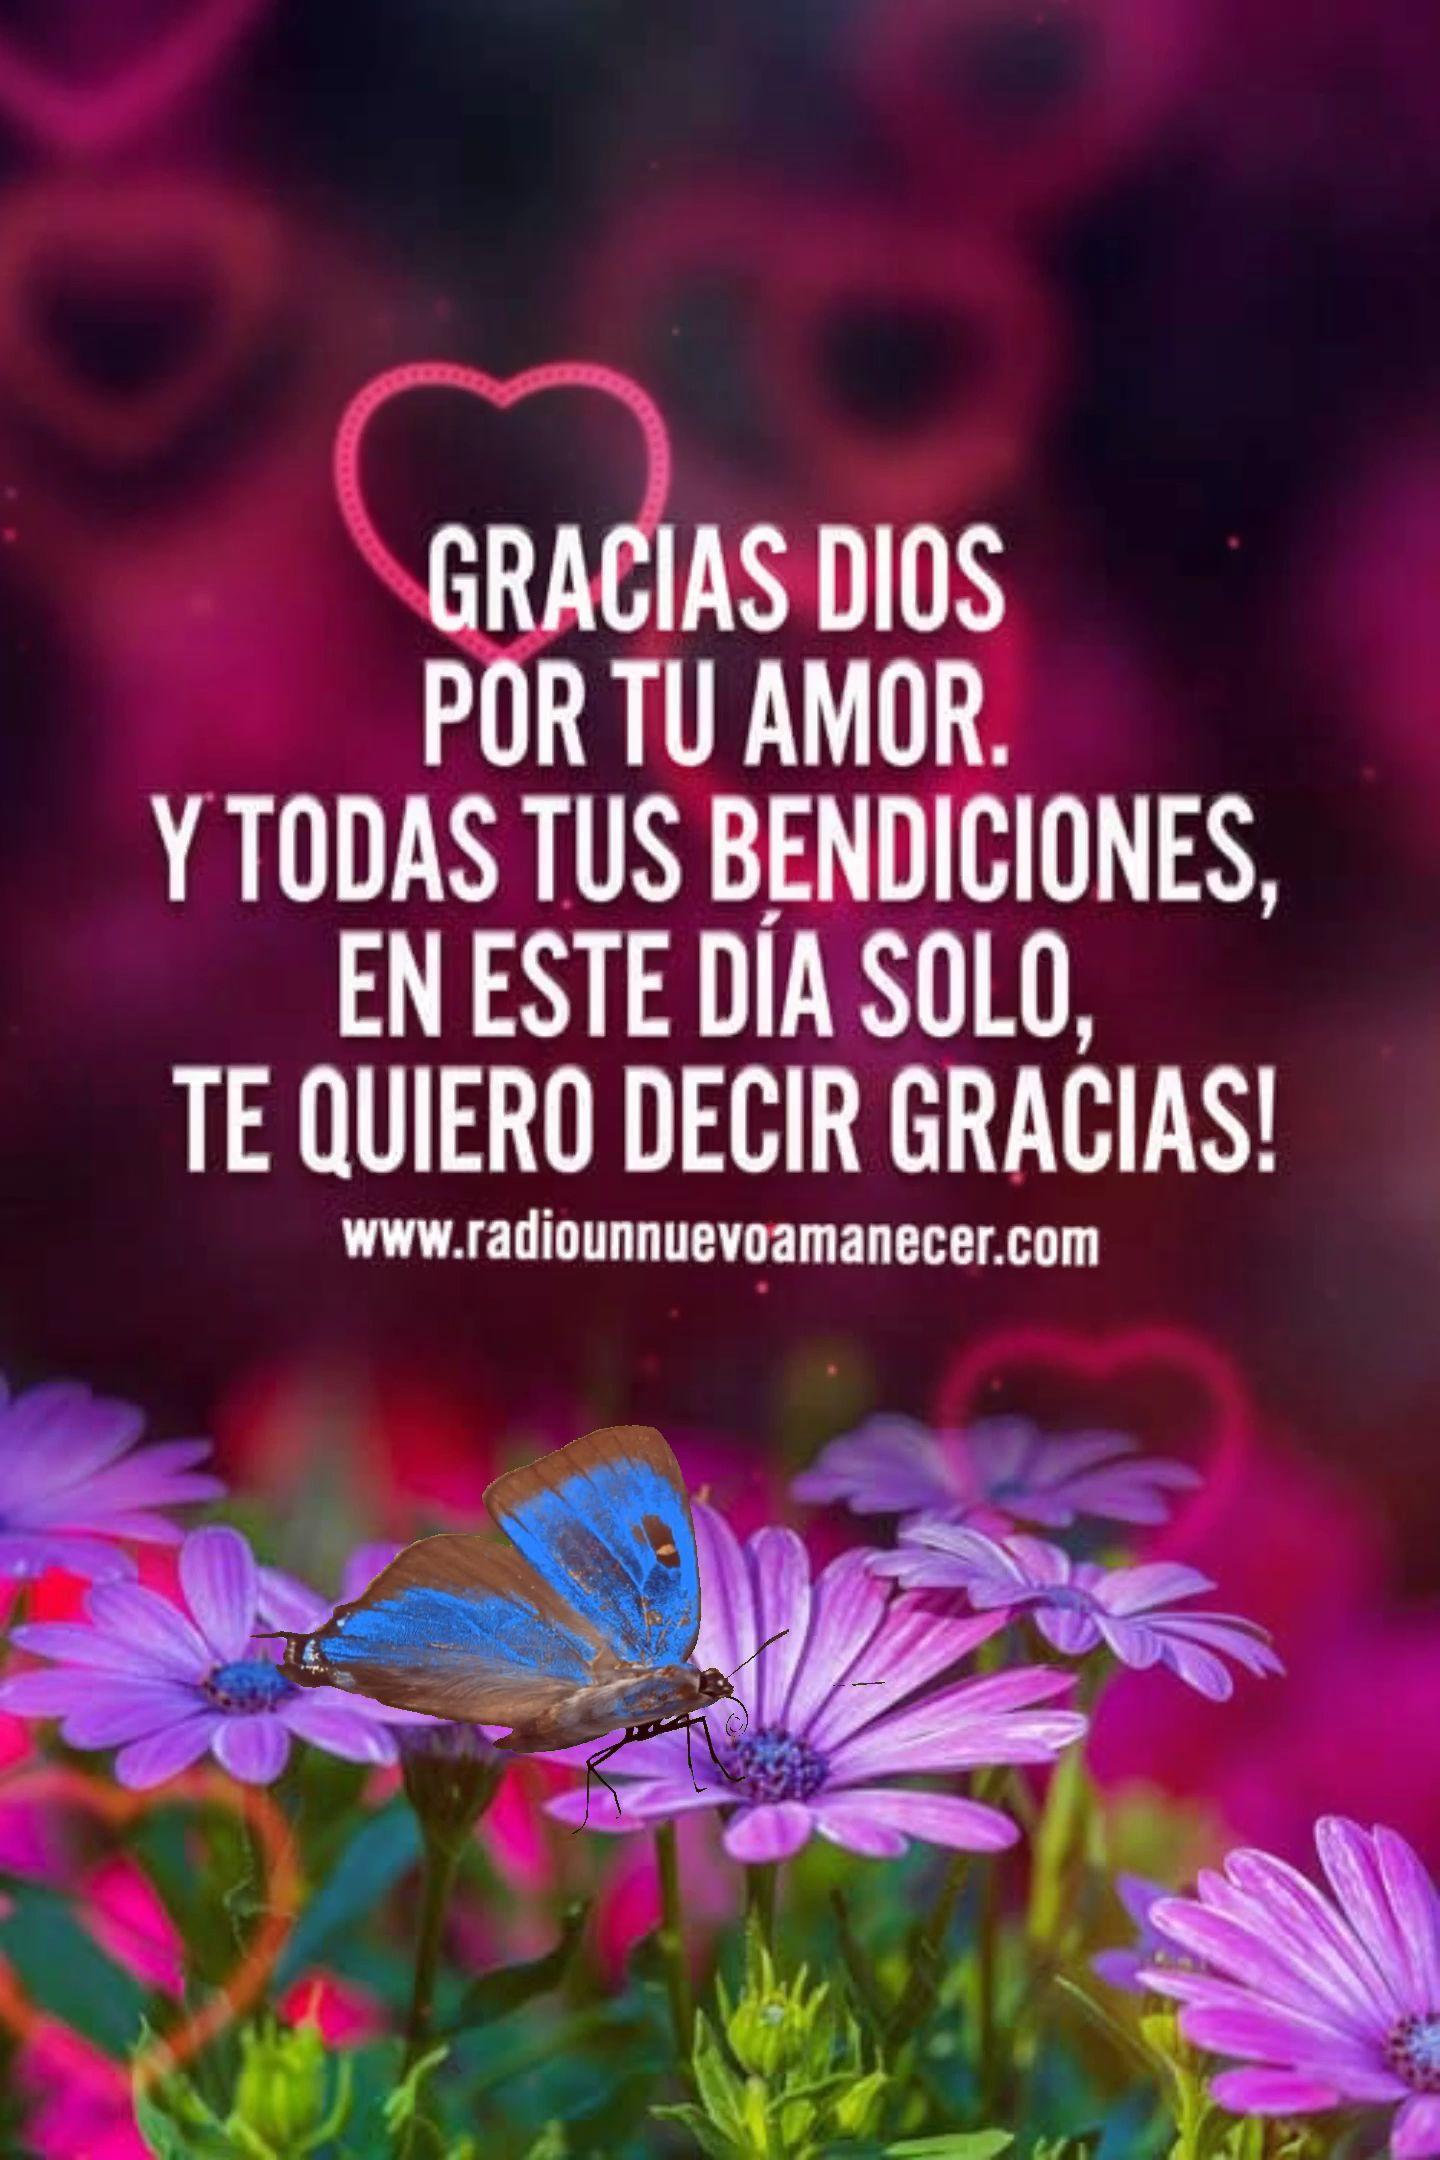 Gracias Dios por tu amor. Y todas tus bendiciones, en este día solo quiero decir gracias!